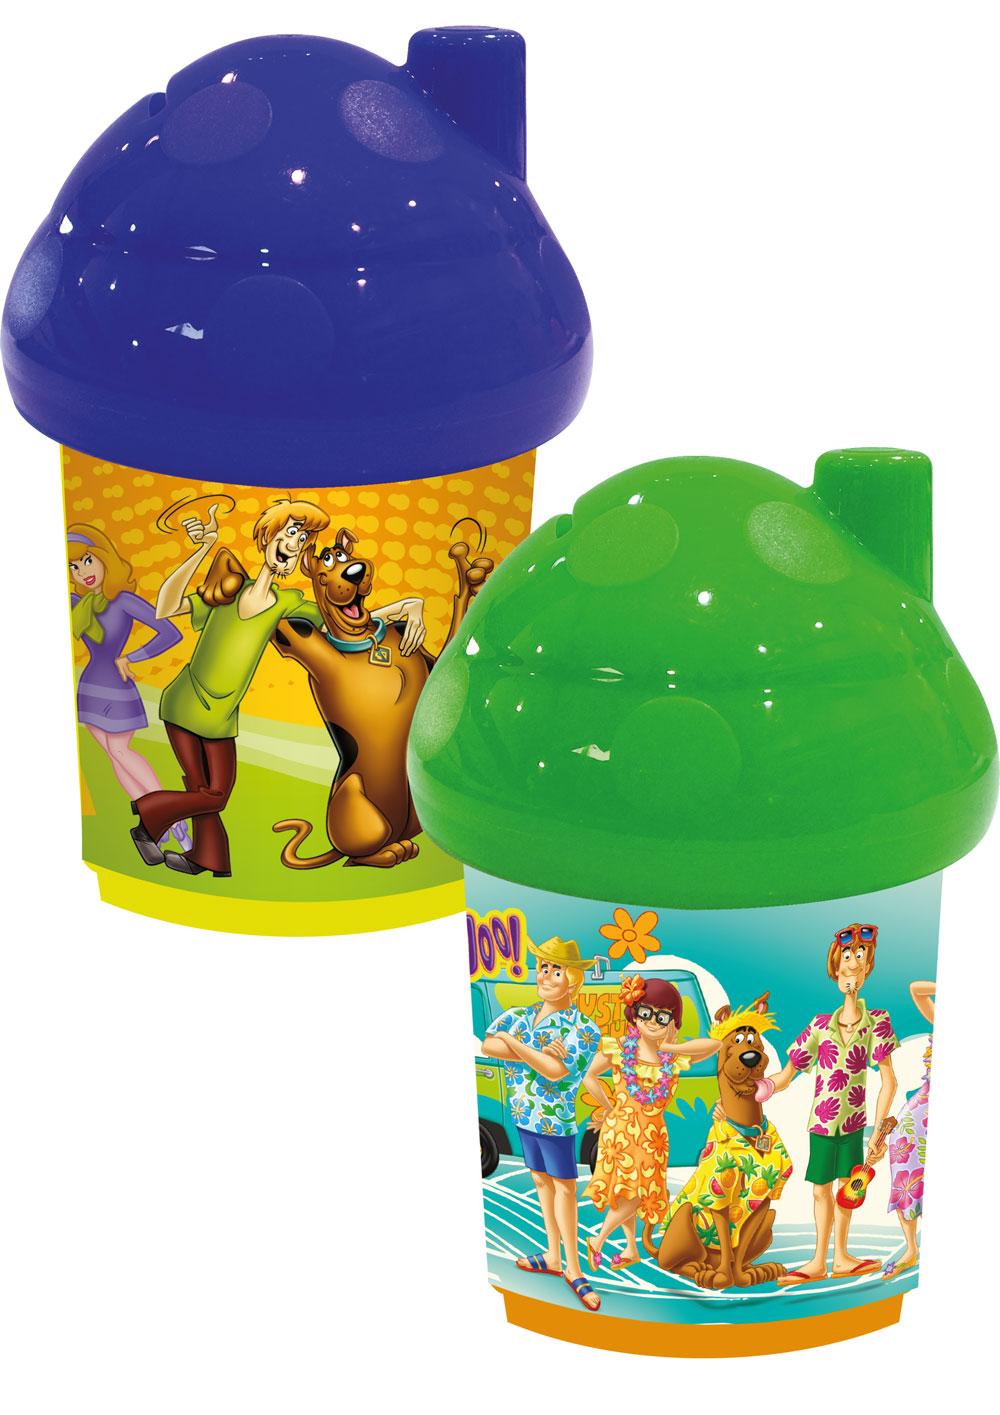 Scooby Doo casuta ciupecuta cu surprize